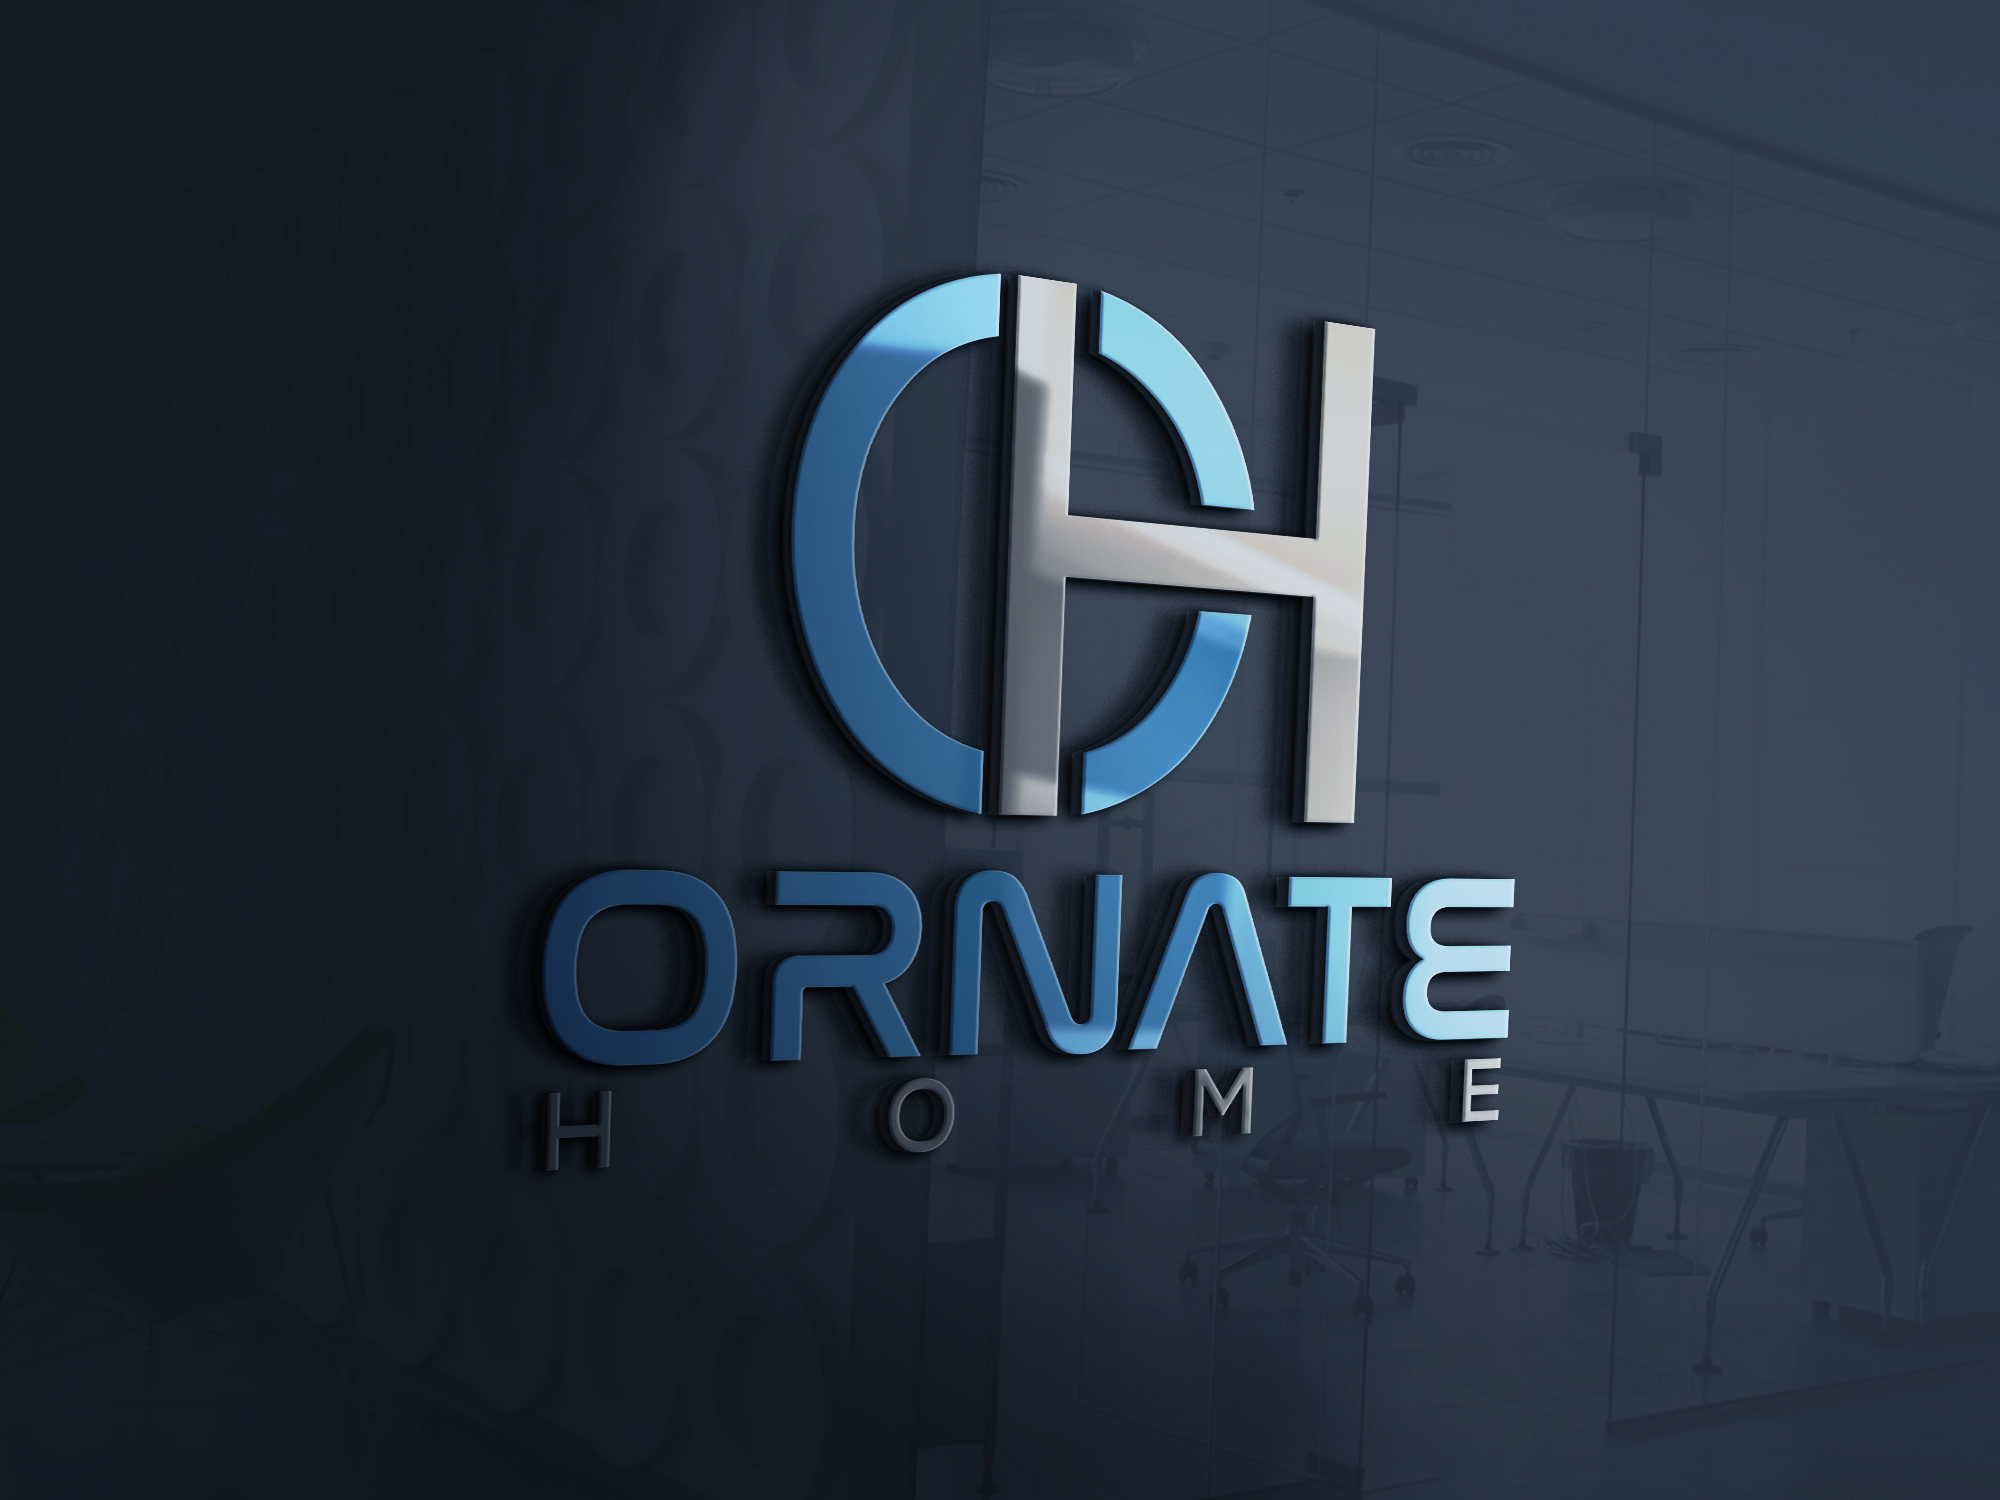 Design a unique elegant and professional logo